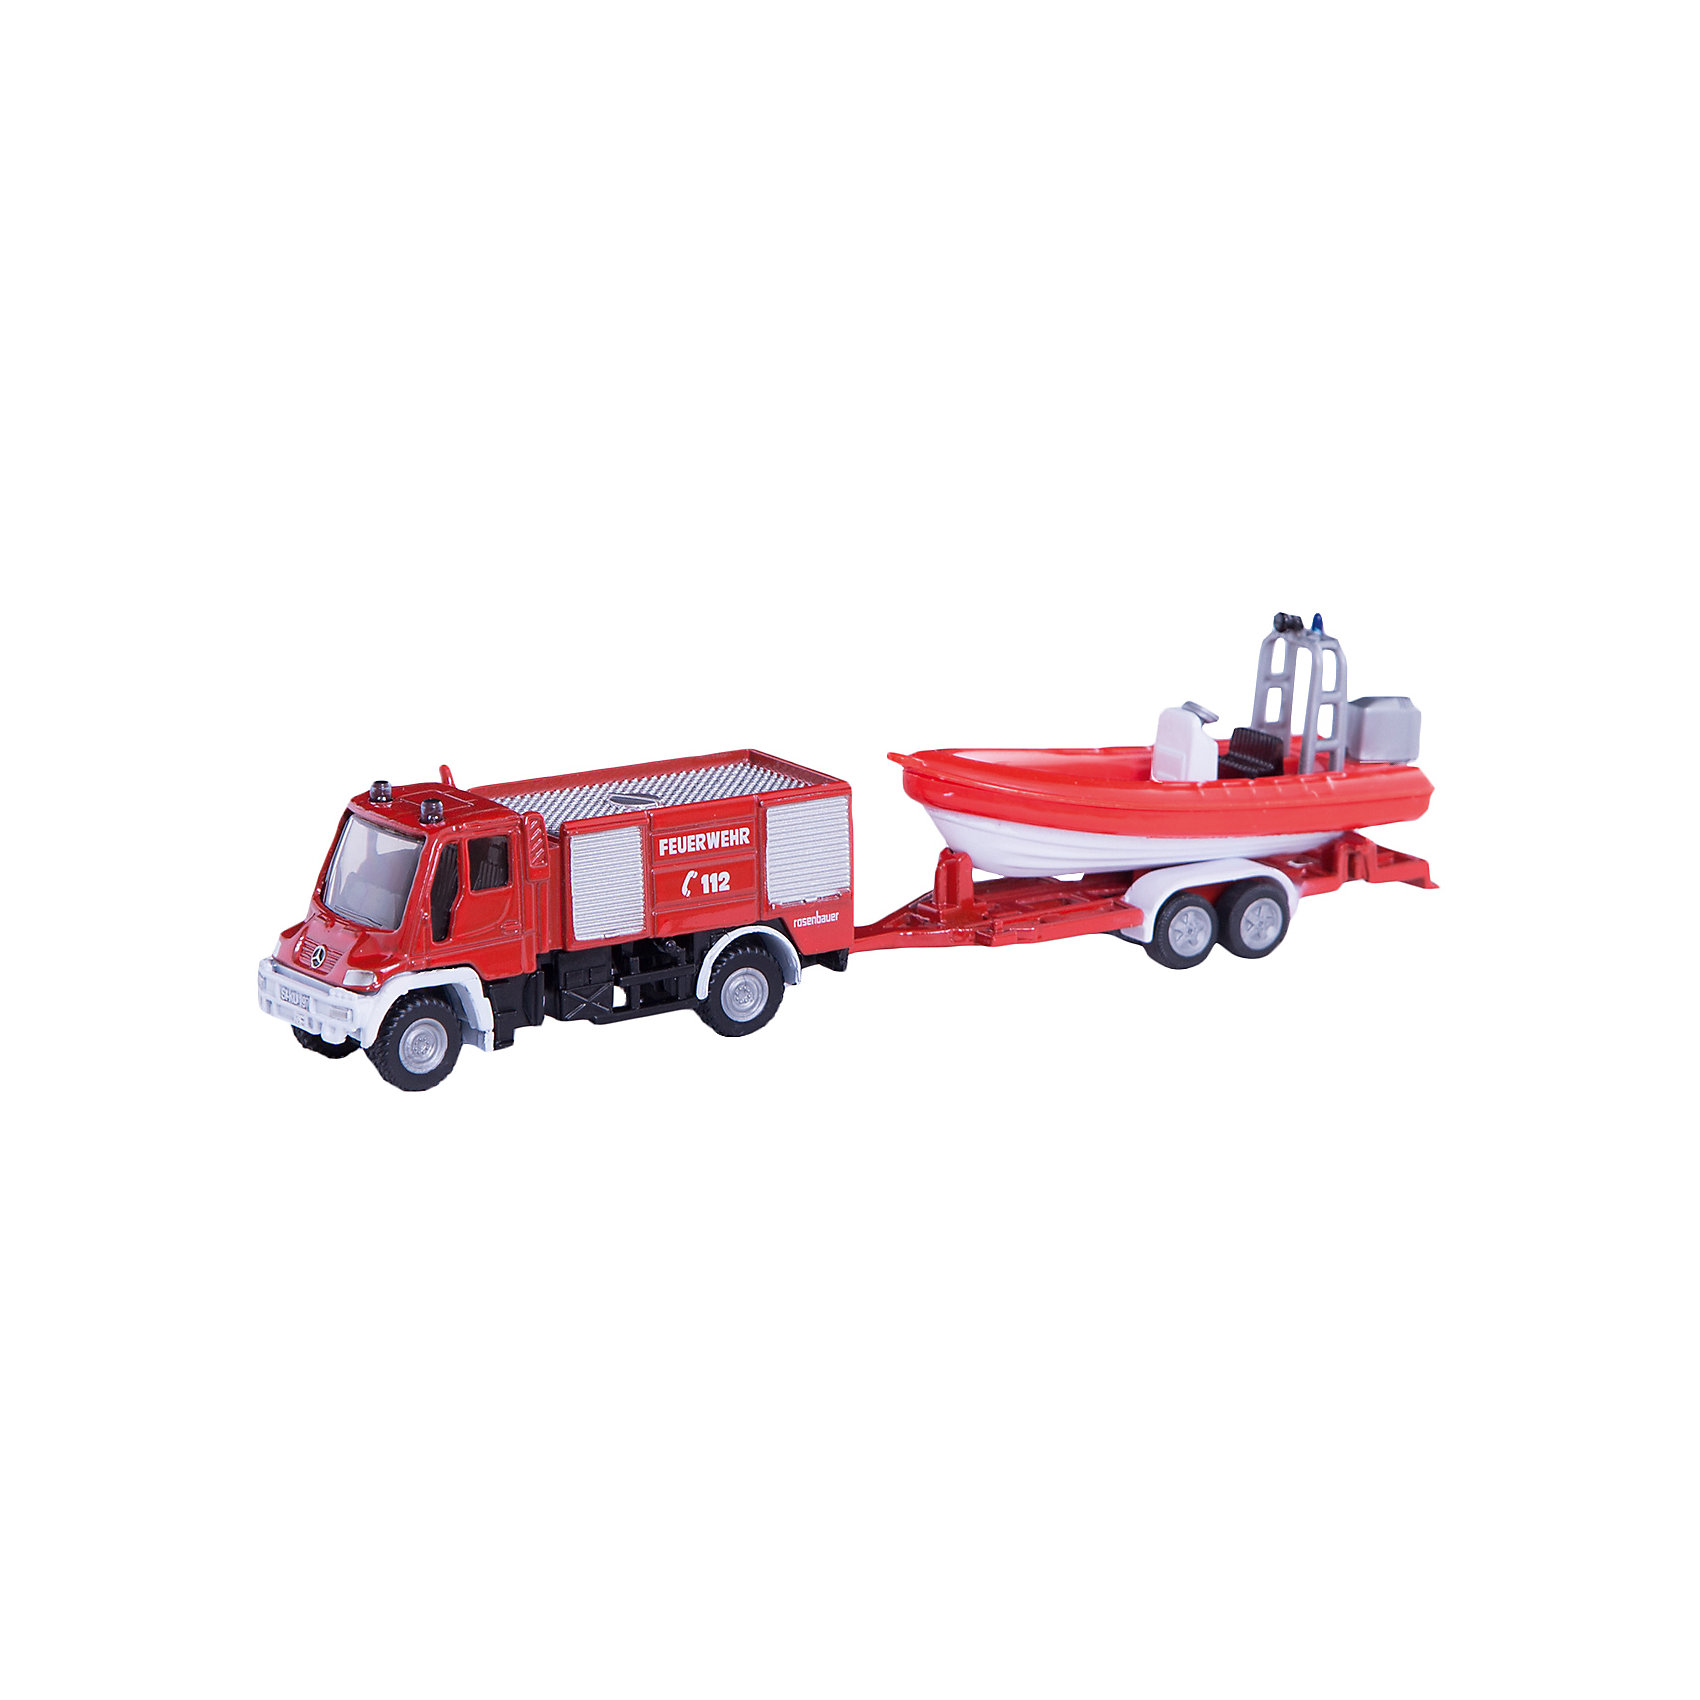 SIKU SIKU 1636 Пожарная машина Unimog с катером 1:87 тягач siku с катером на прицепе 1 87 красный 1613